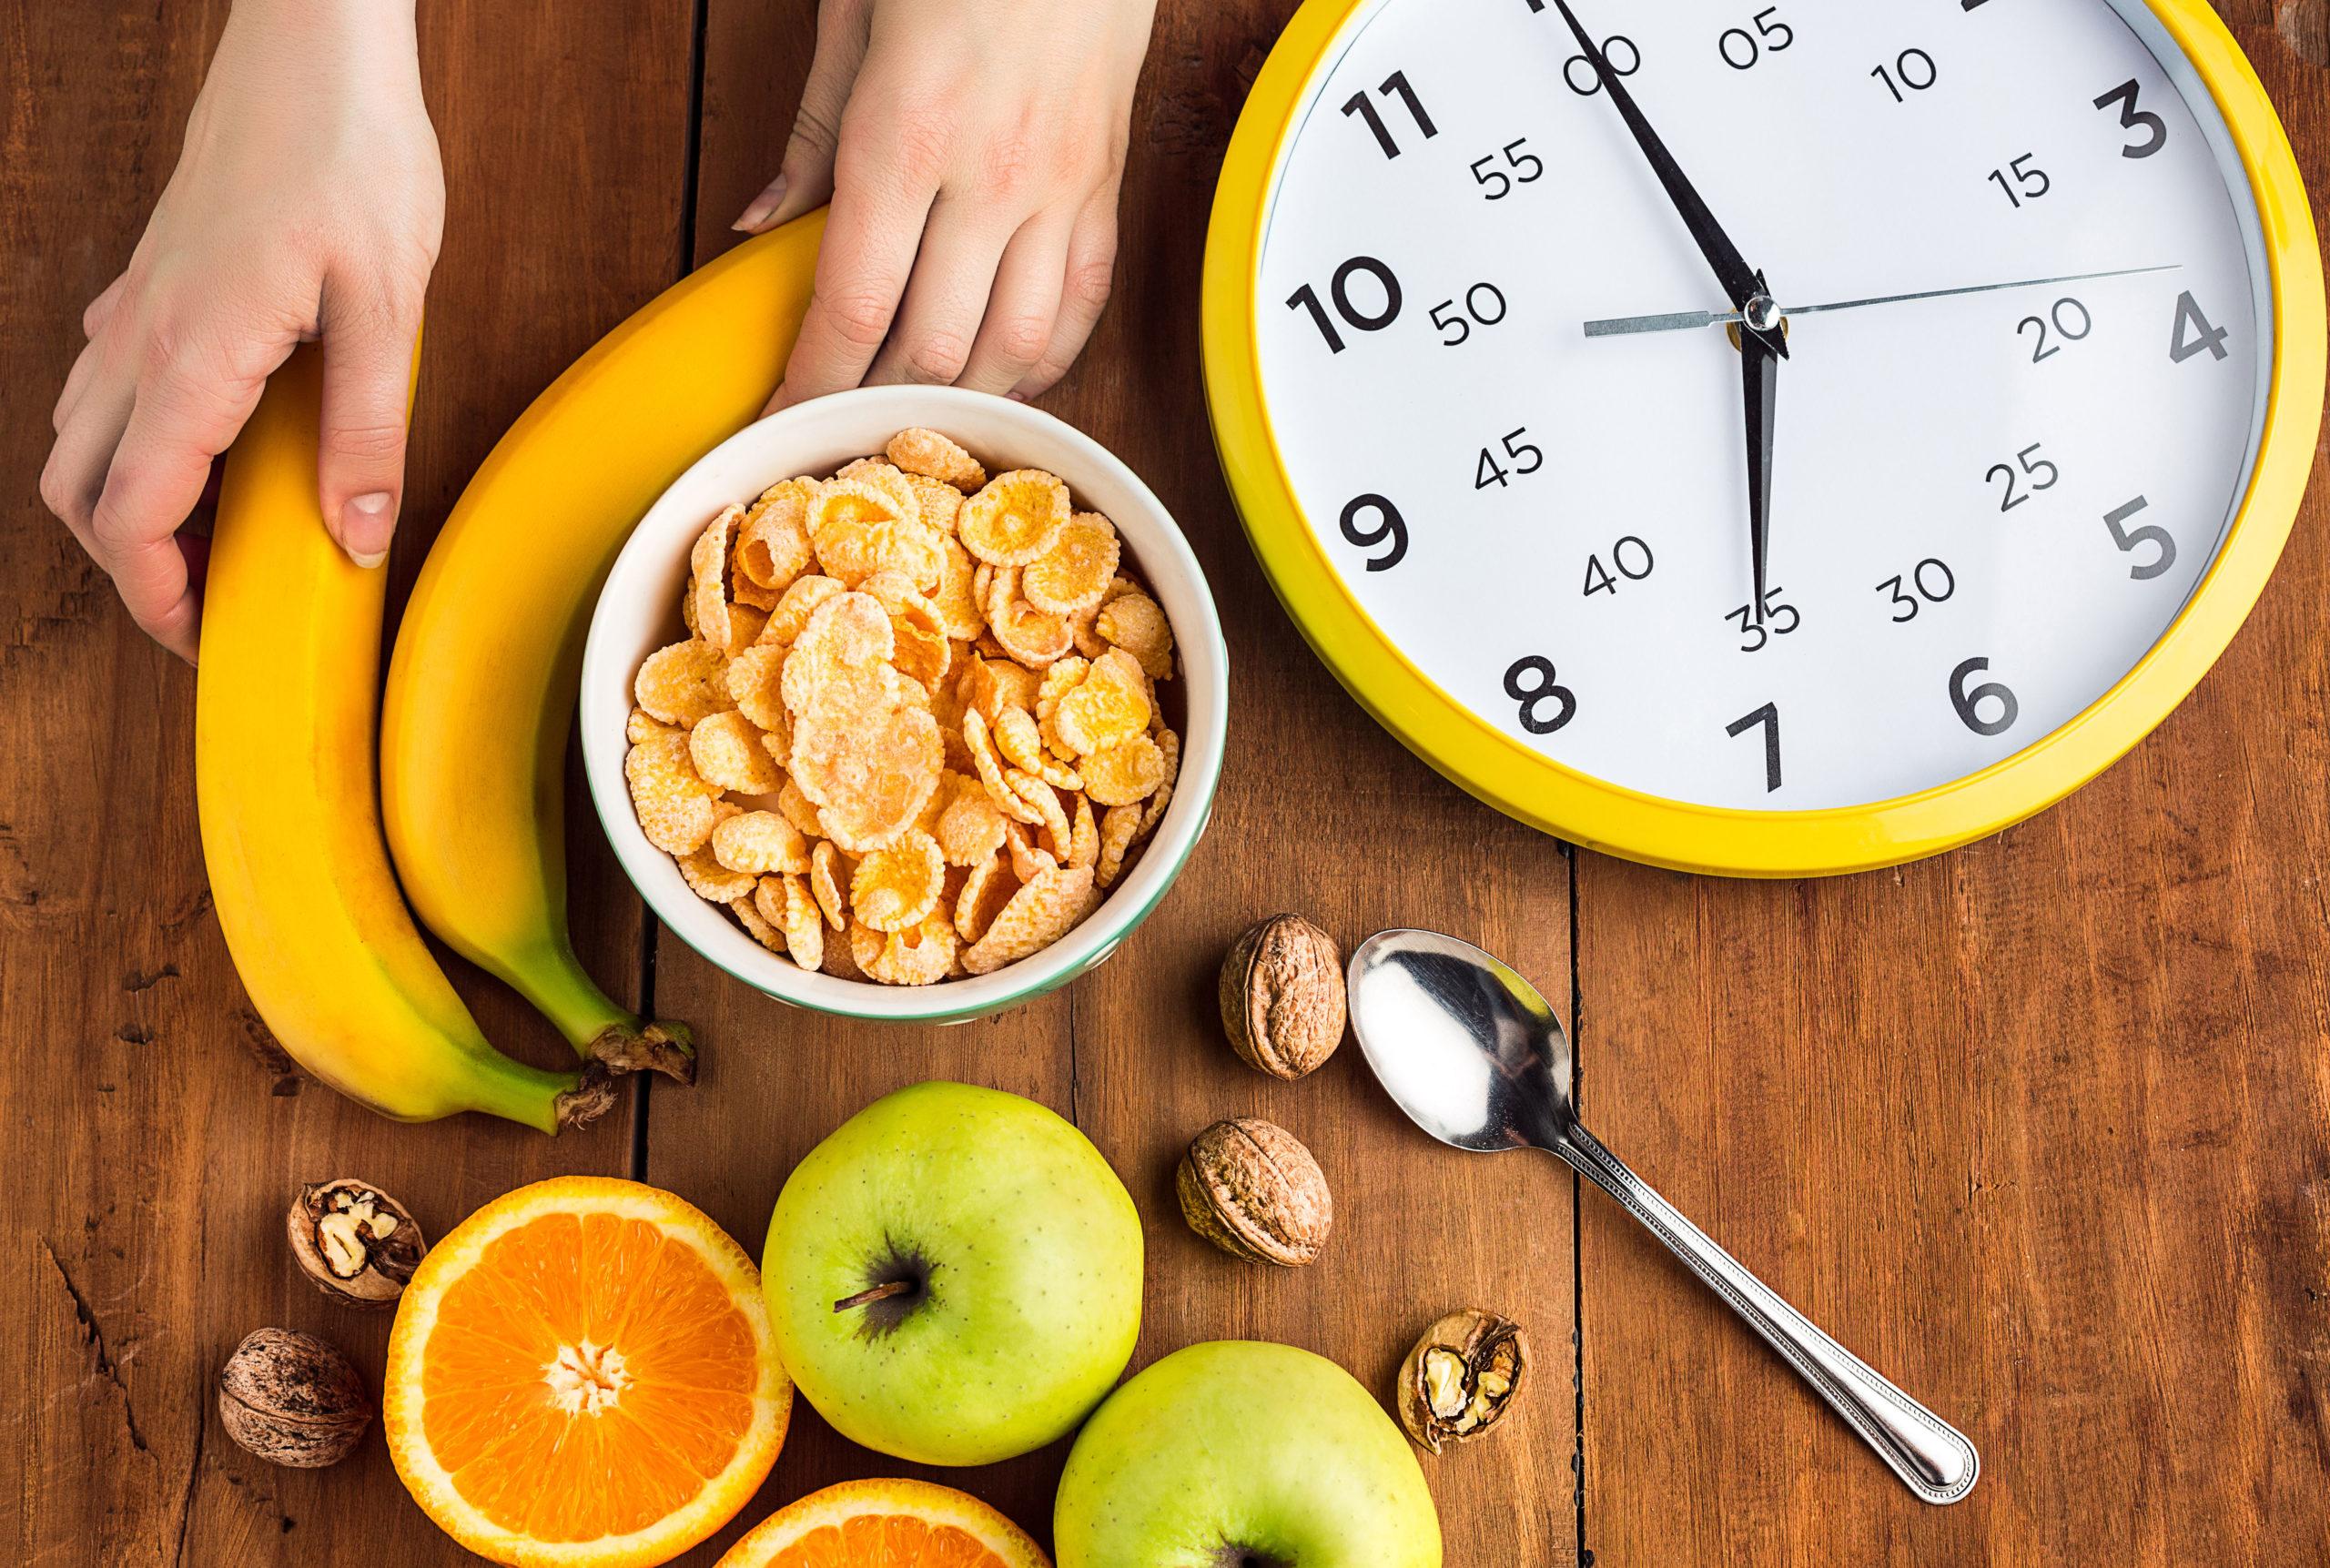 makan teratur tepat waktu saat diet